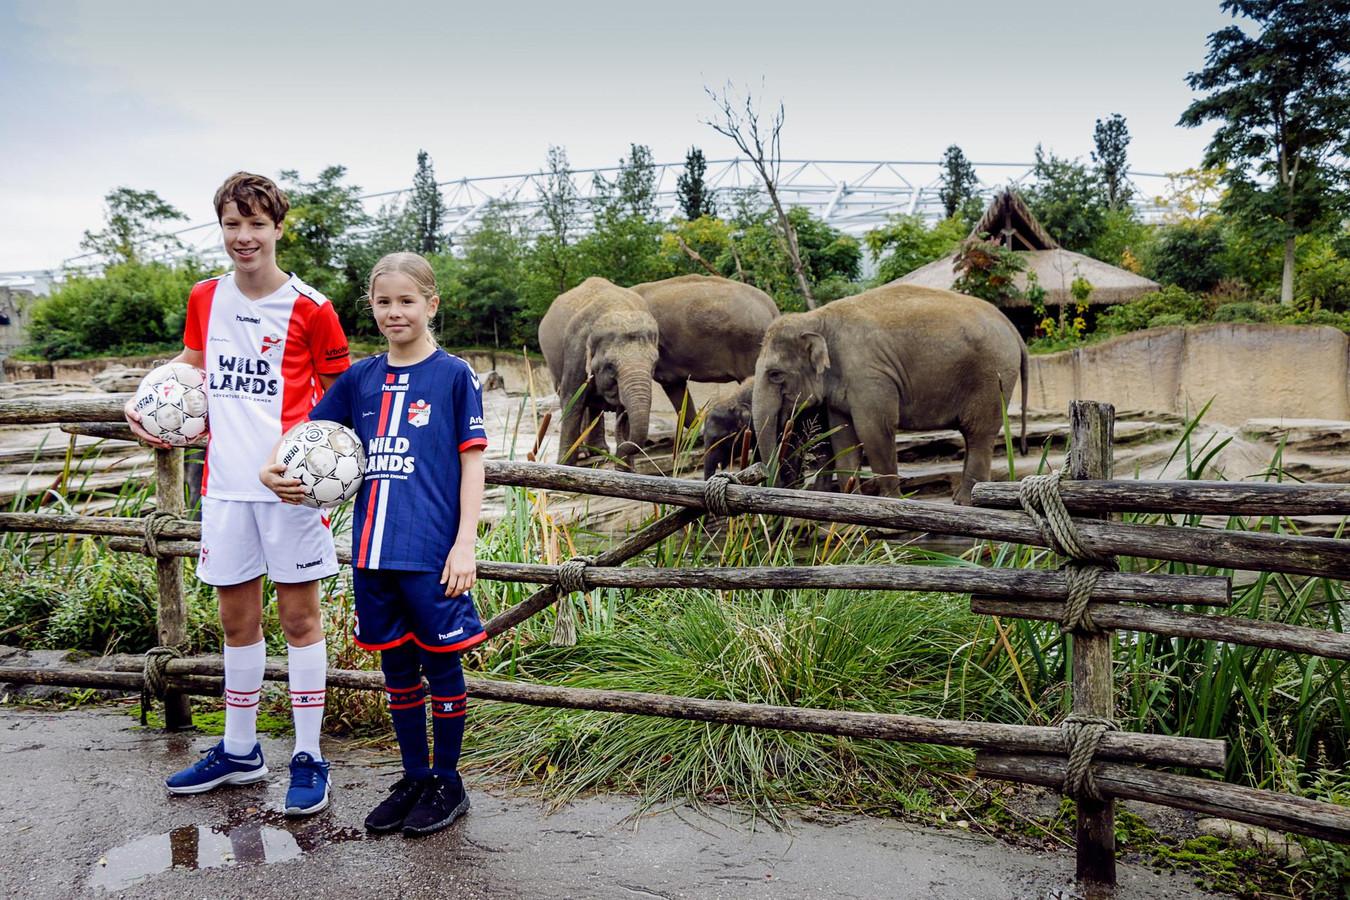 Jonge FC Emmen-fans met het nieuwe thuis- en uittenue voor jeugd tot 18 jaar.